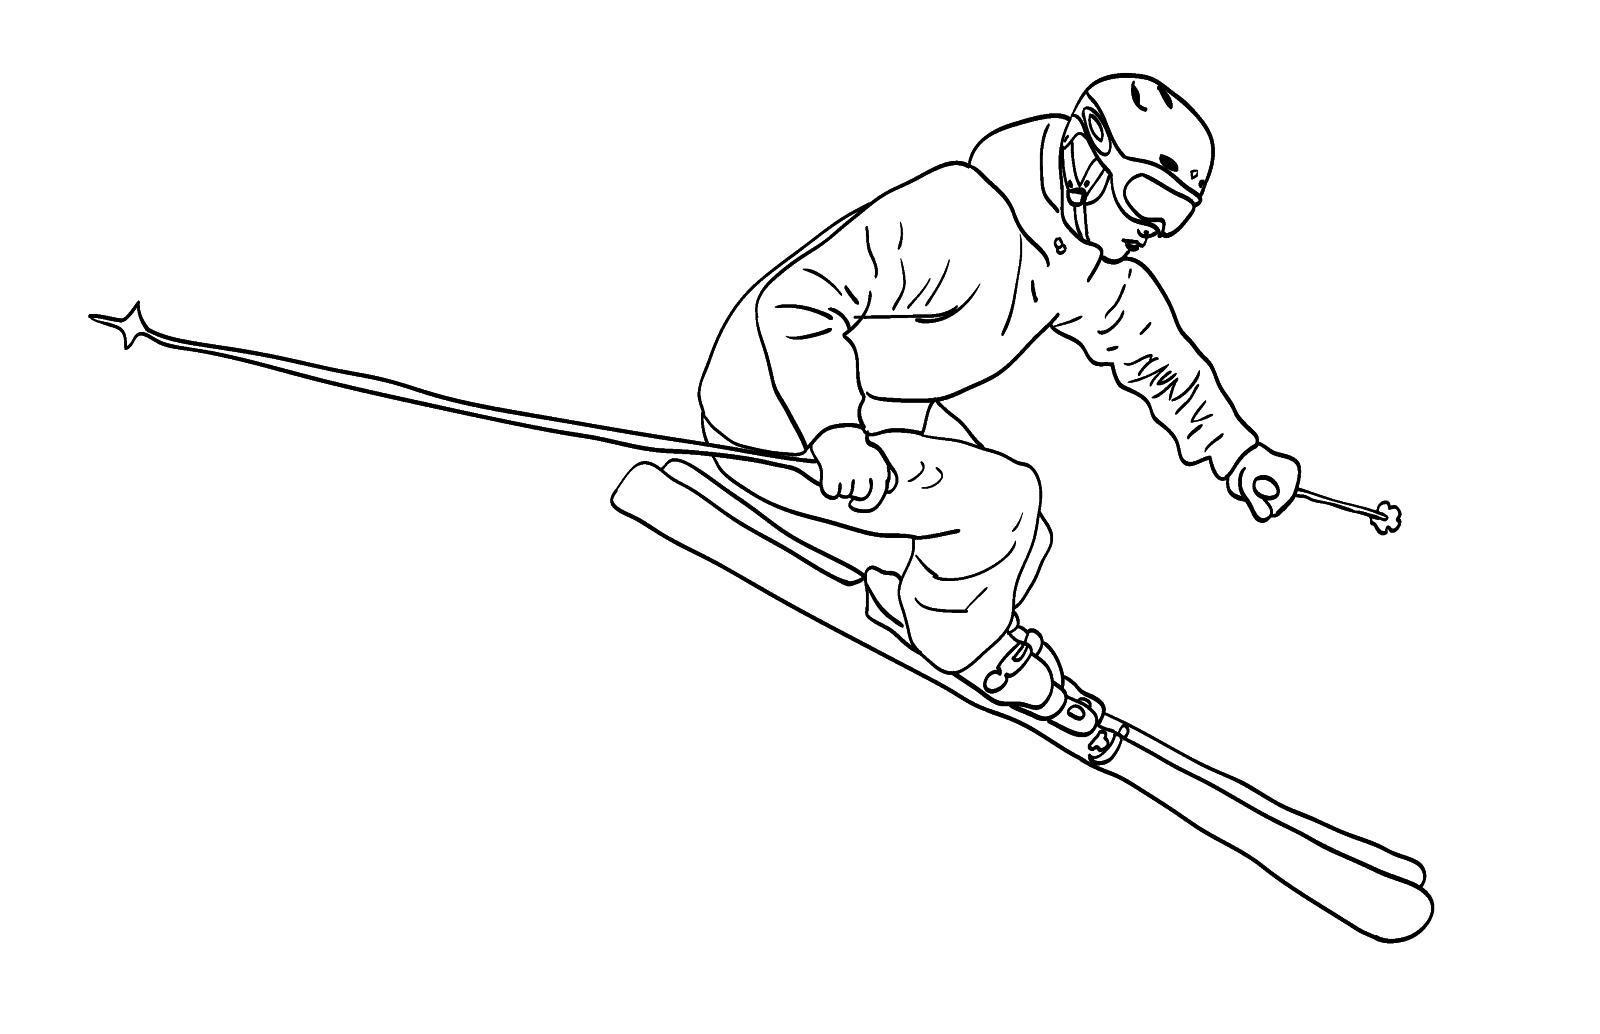 Маневрирование на горных лыжах Скачать раскраски для мальчиков